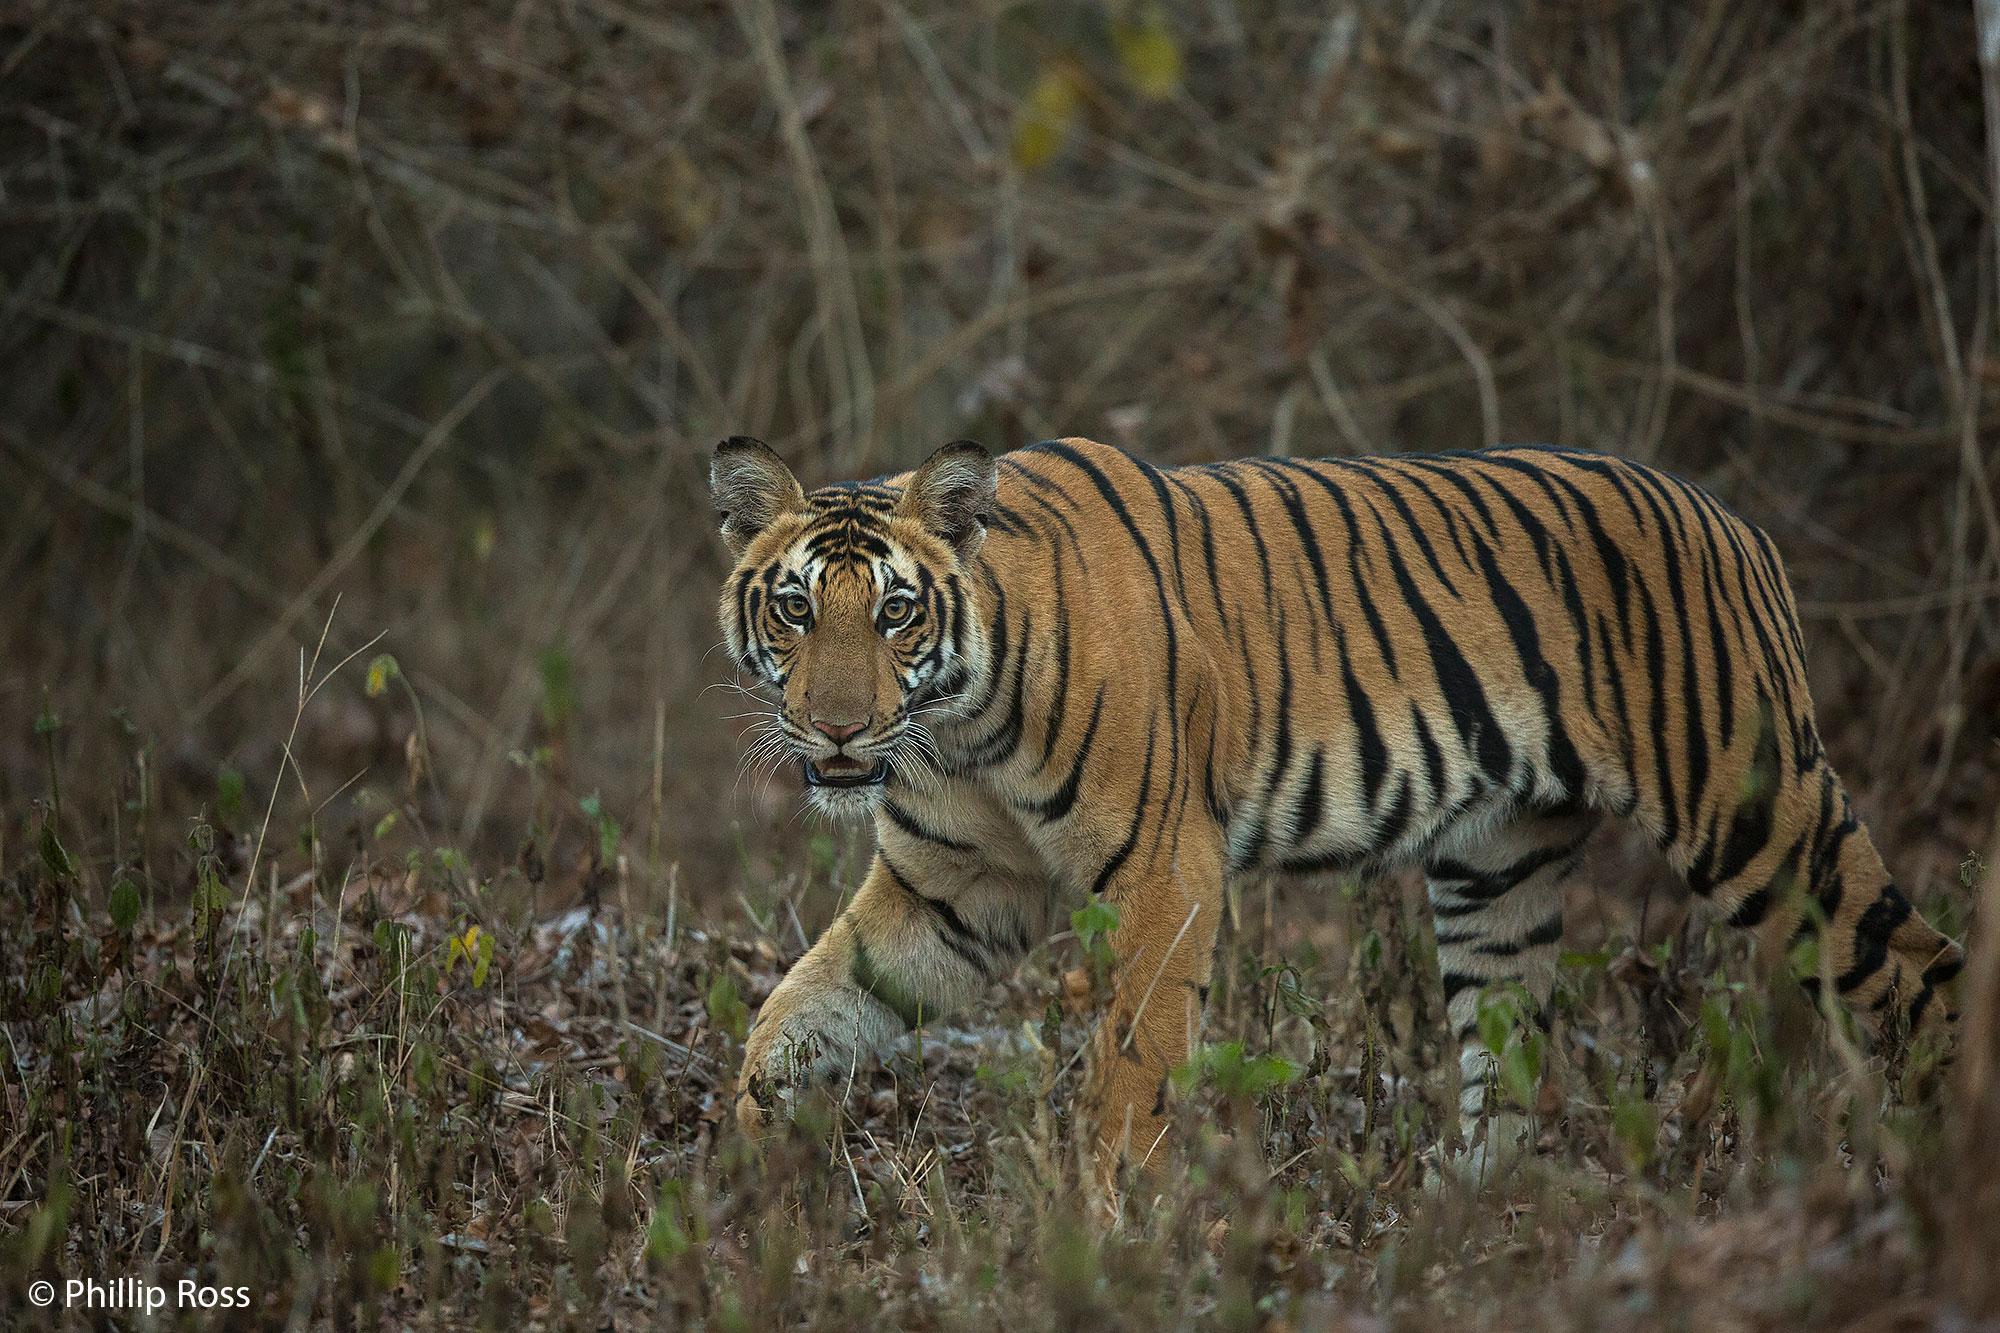 Tiger - Kabini Wildlife Photography Tour